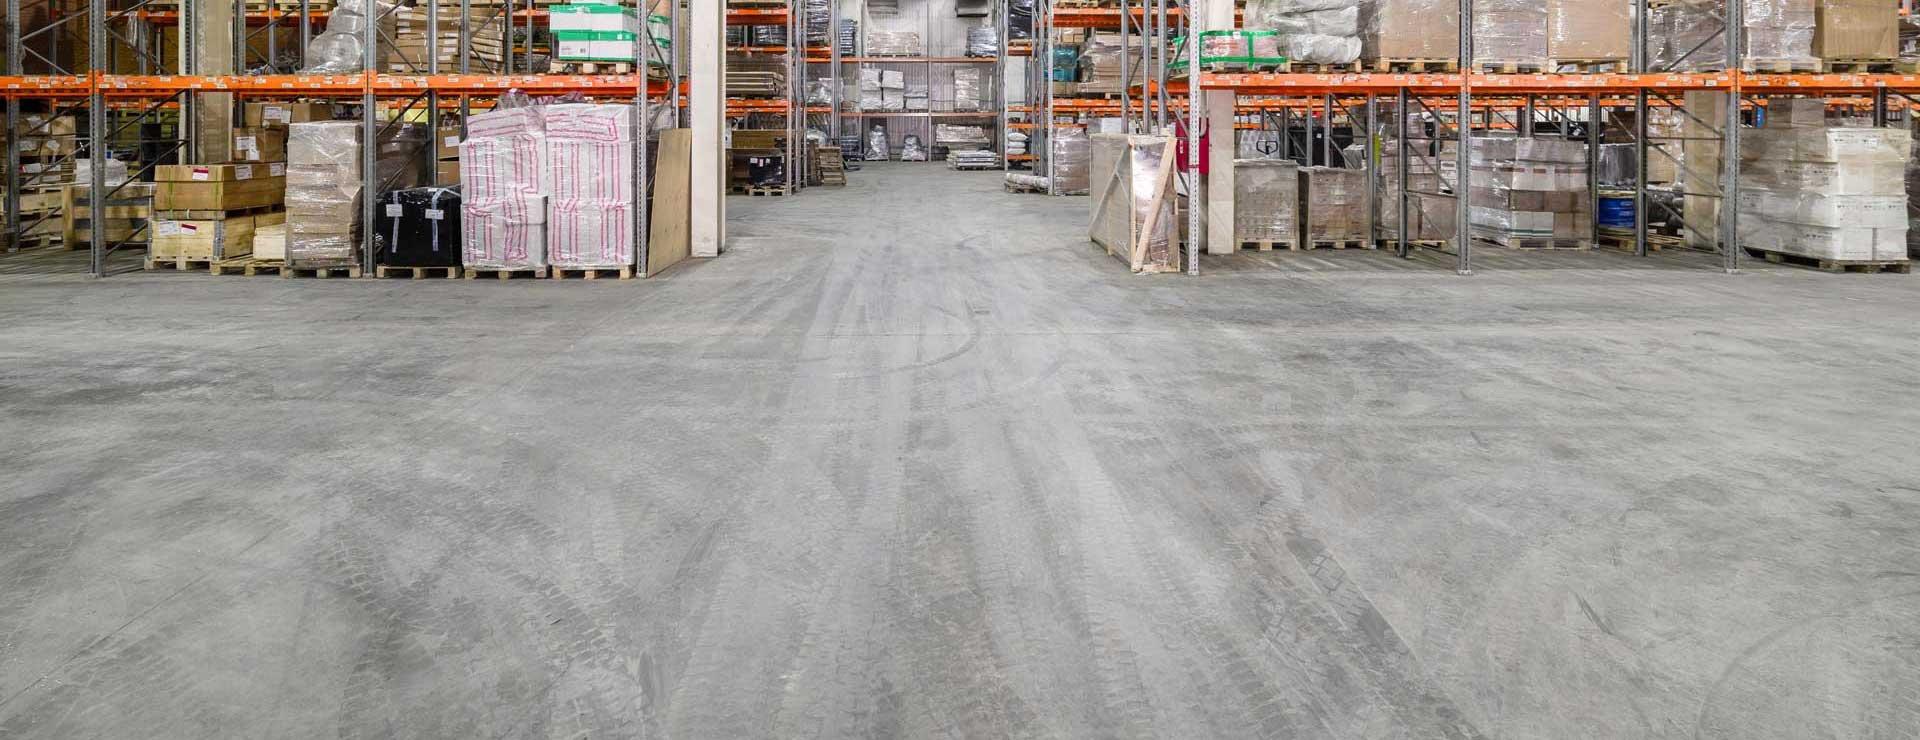 concrete_floor_in_warehouse